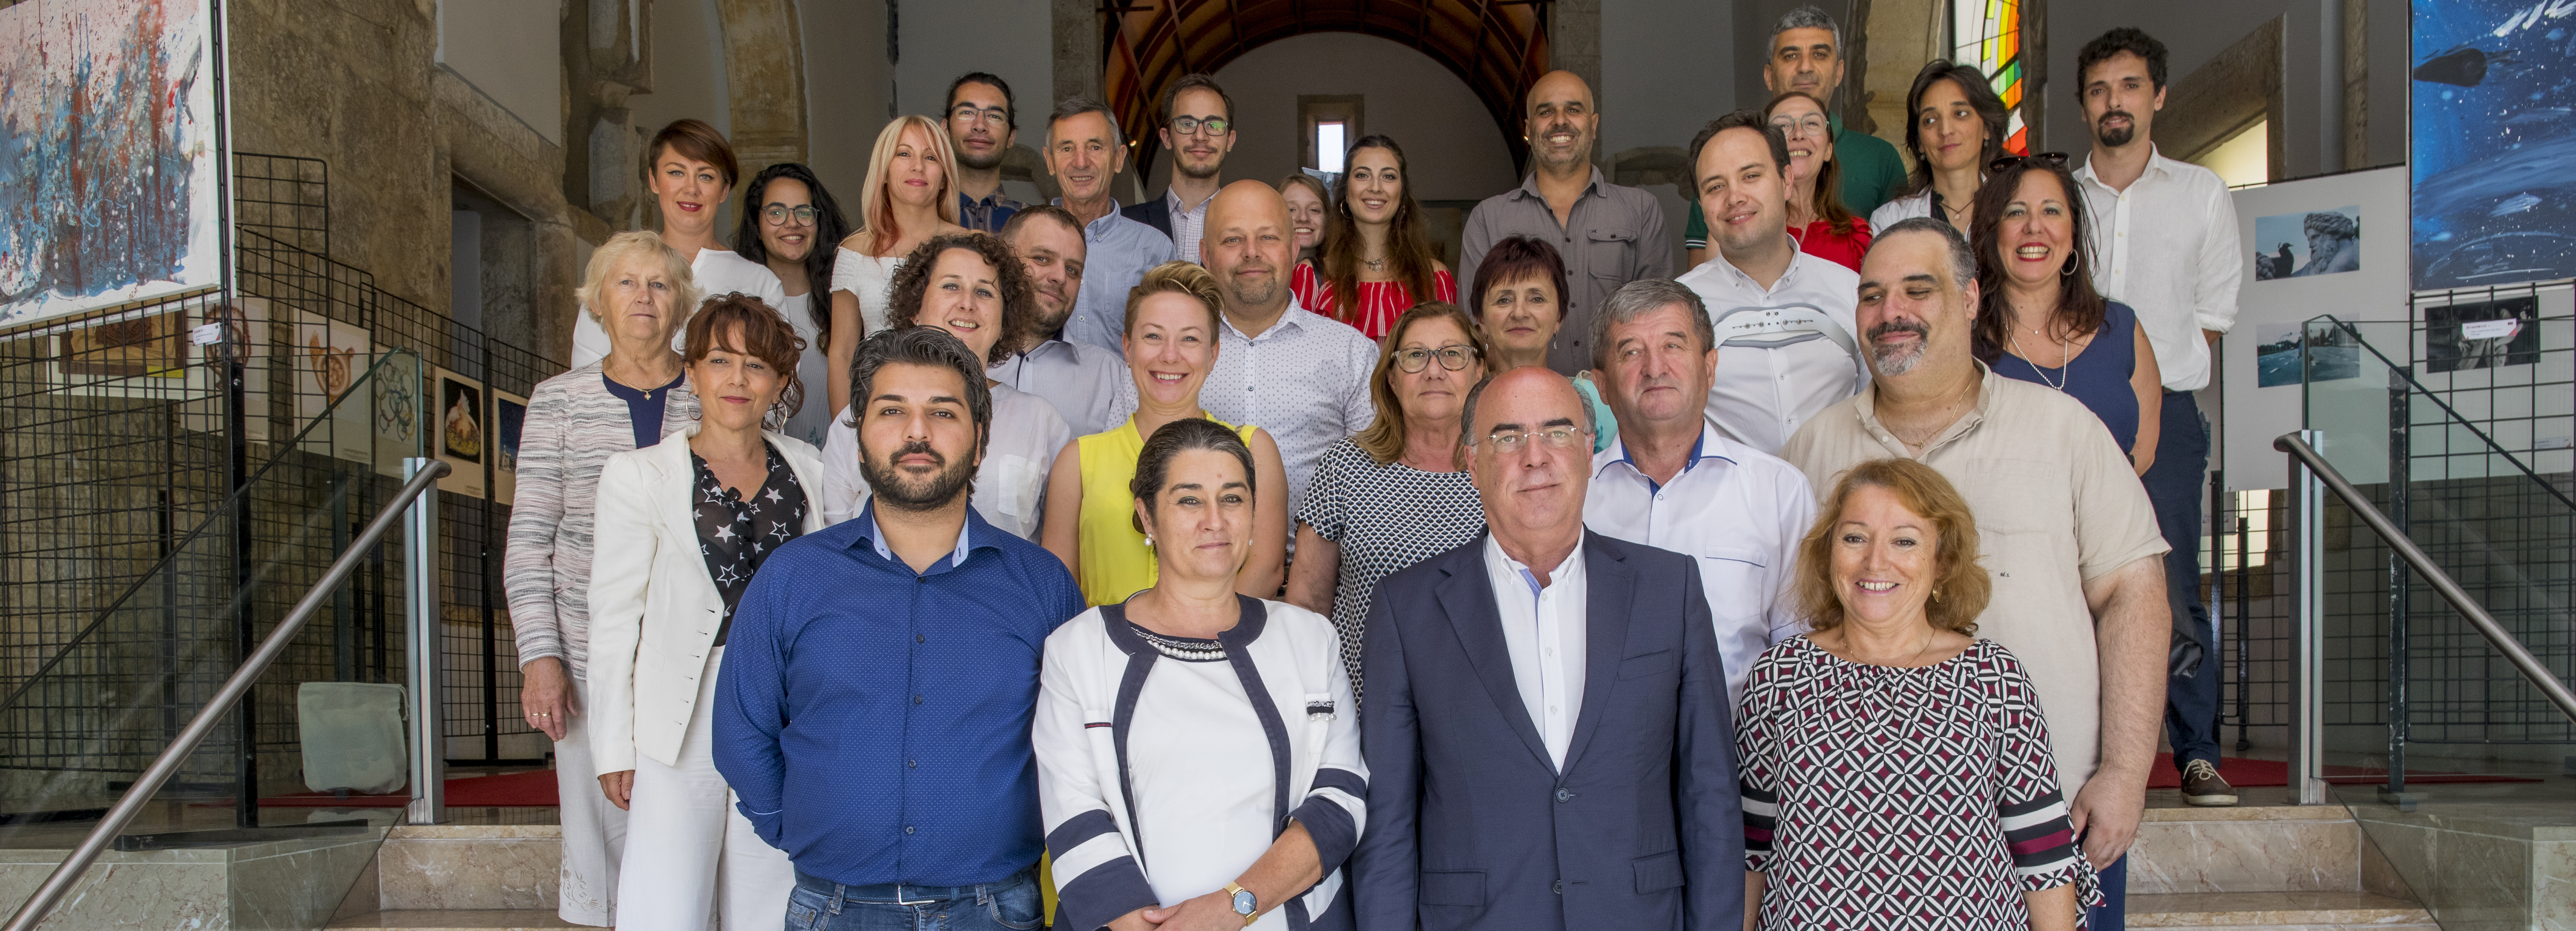 Programa europeu coordenado por Barcelos pode vir a ser modelo noutros países